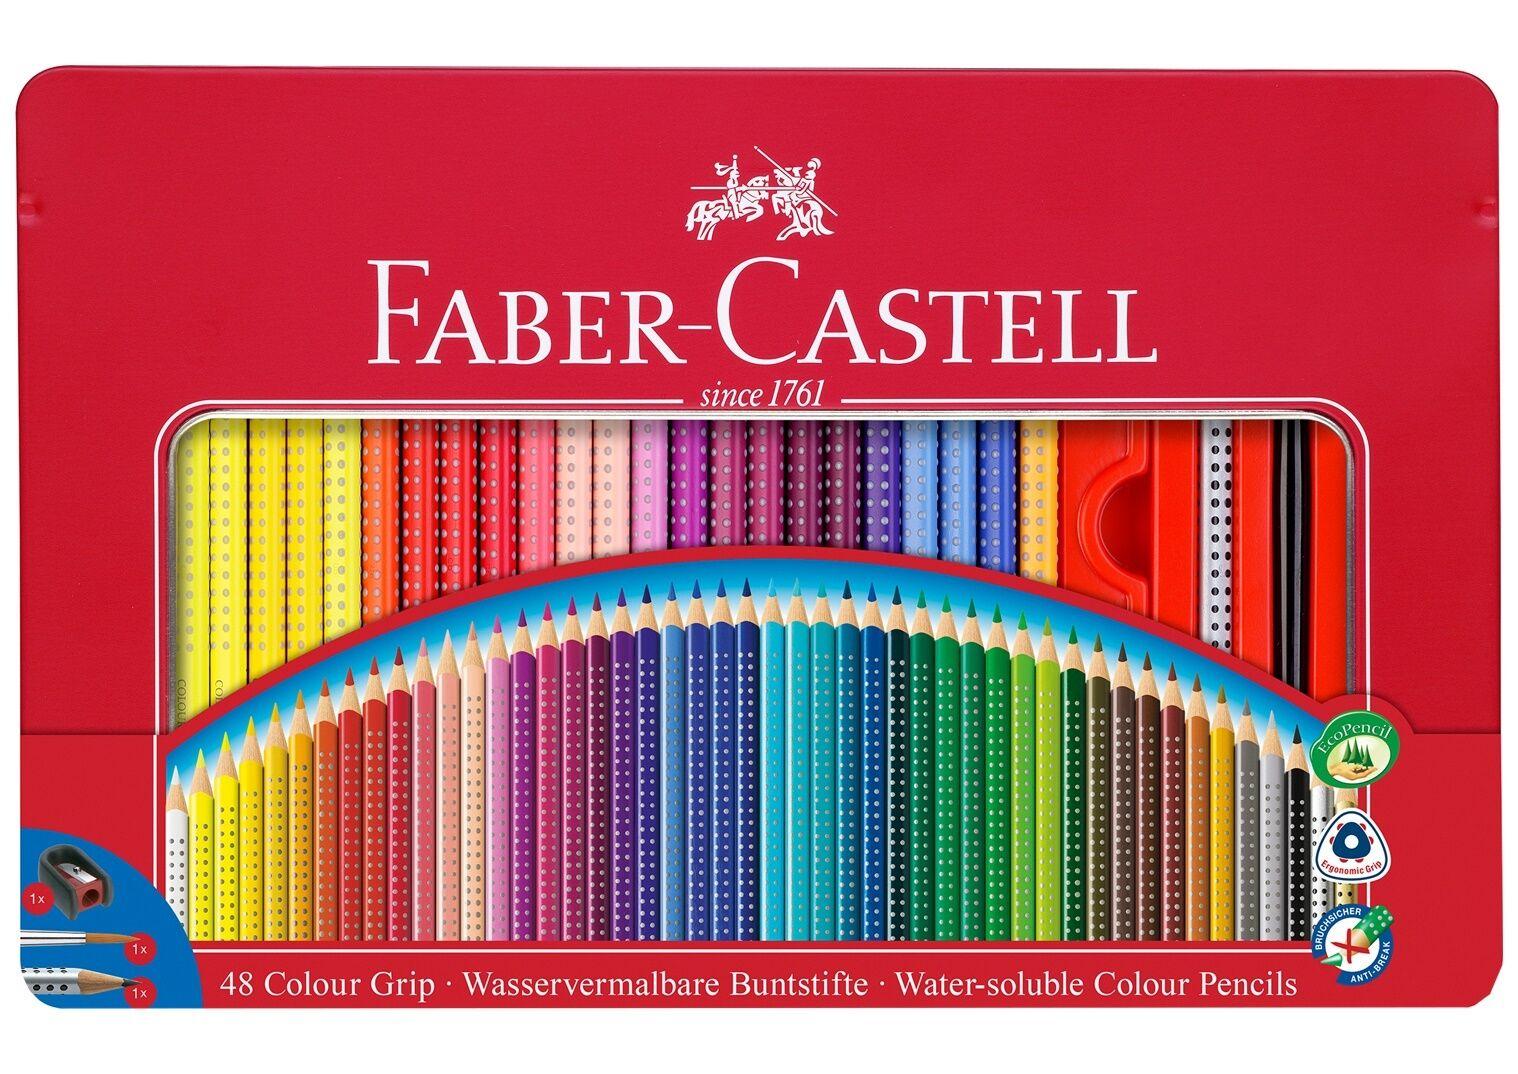 Faber-Castell Buntsitfte Farbe GRIP 48er Metallbox | Kostengünstig  | Angemessene Lieferung und pünktliche Lieferung  | Förderung